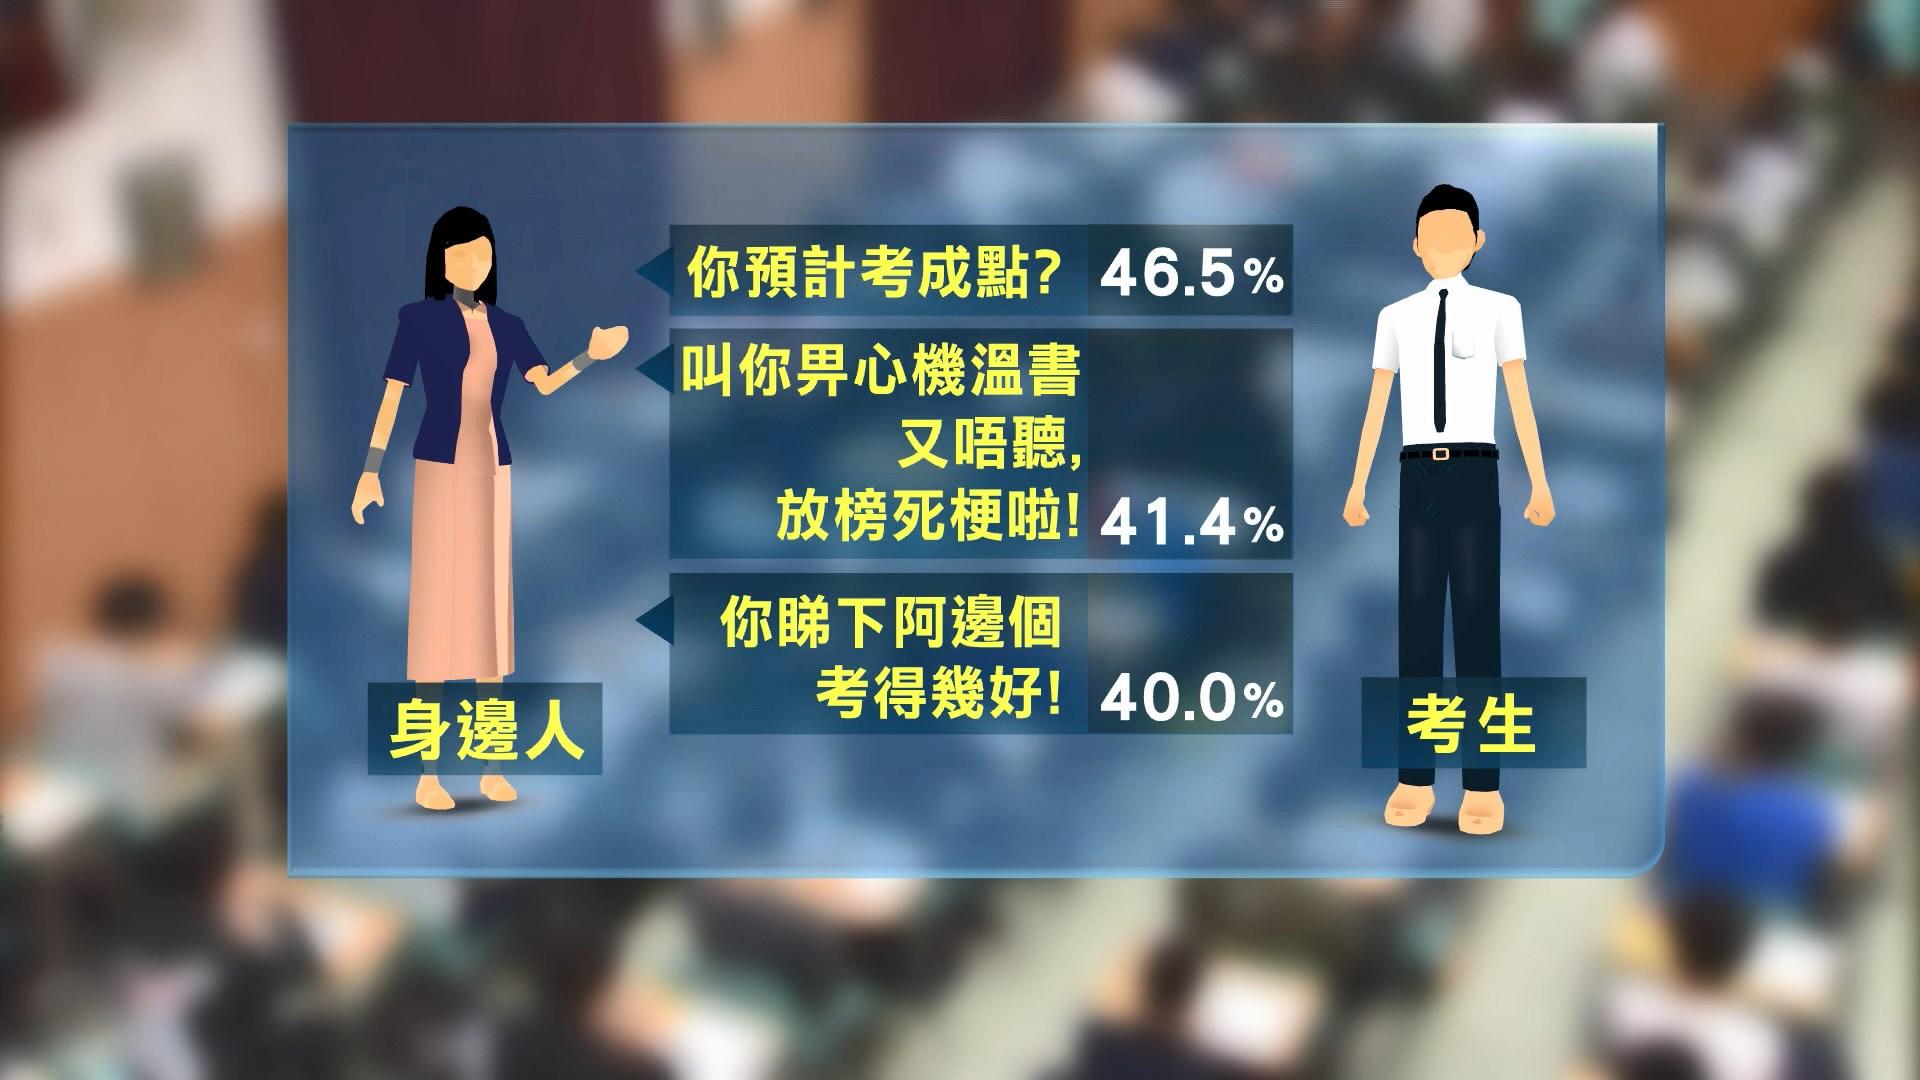 調查:父母的說話或會增加文憑試考生壓力